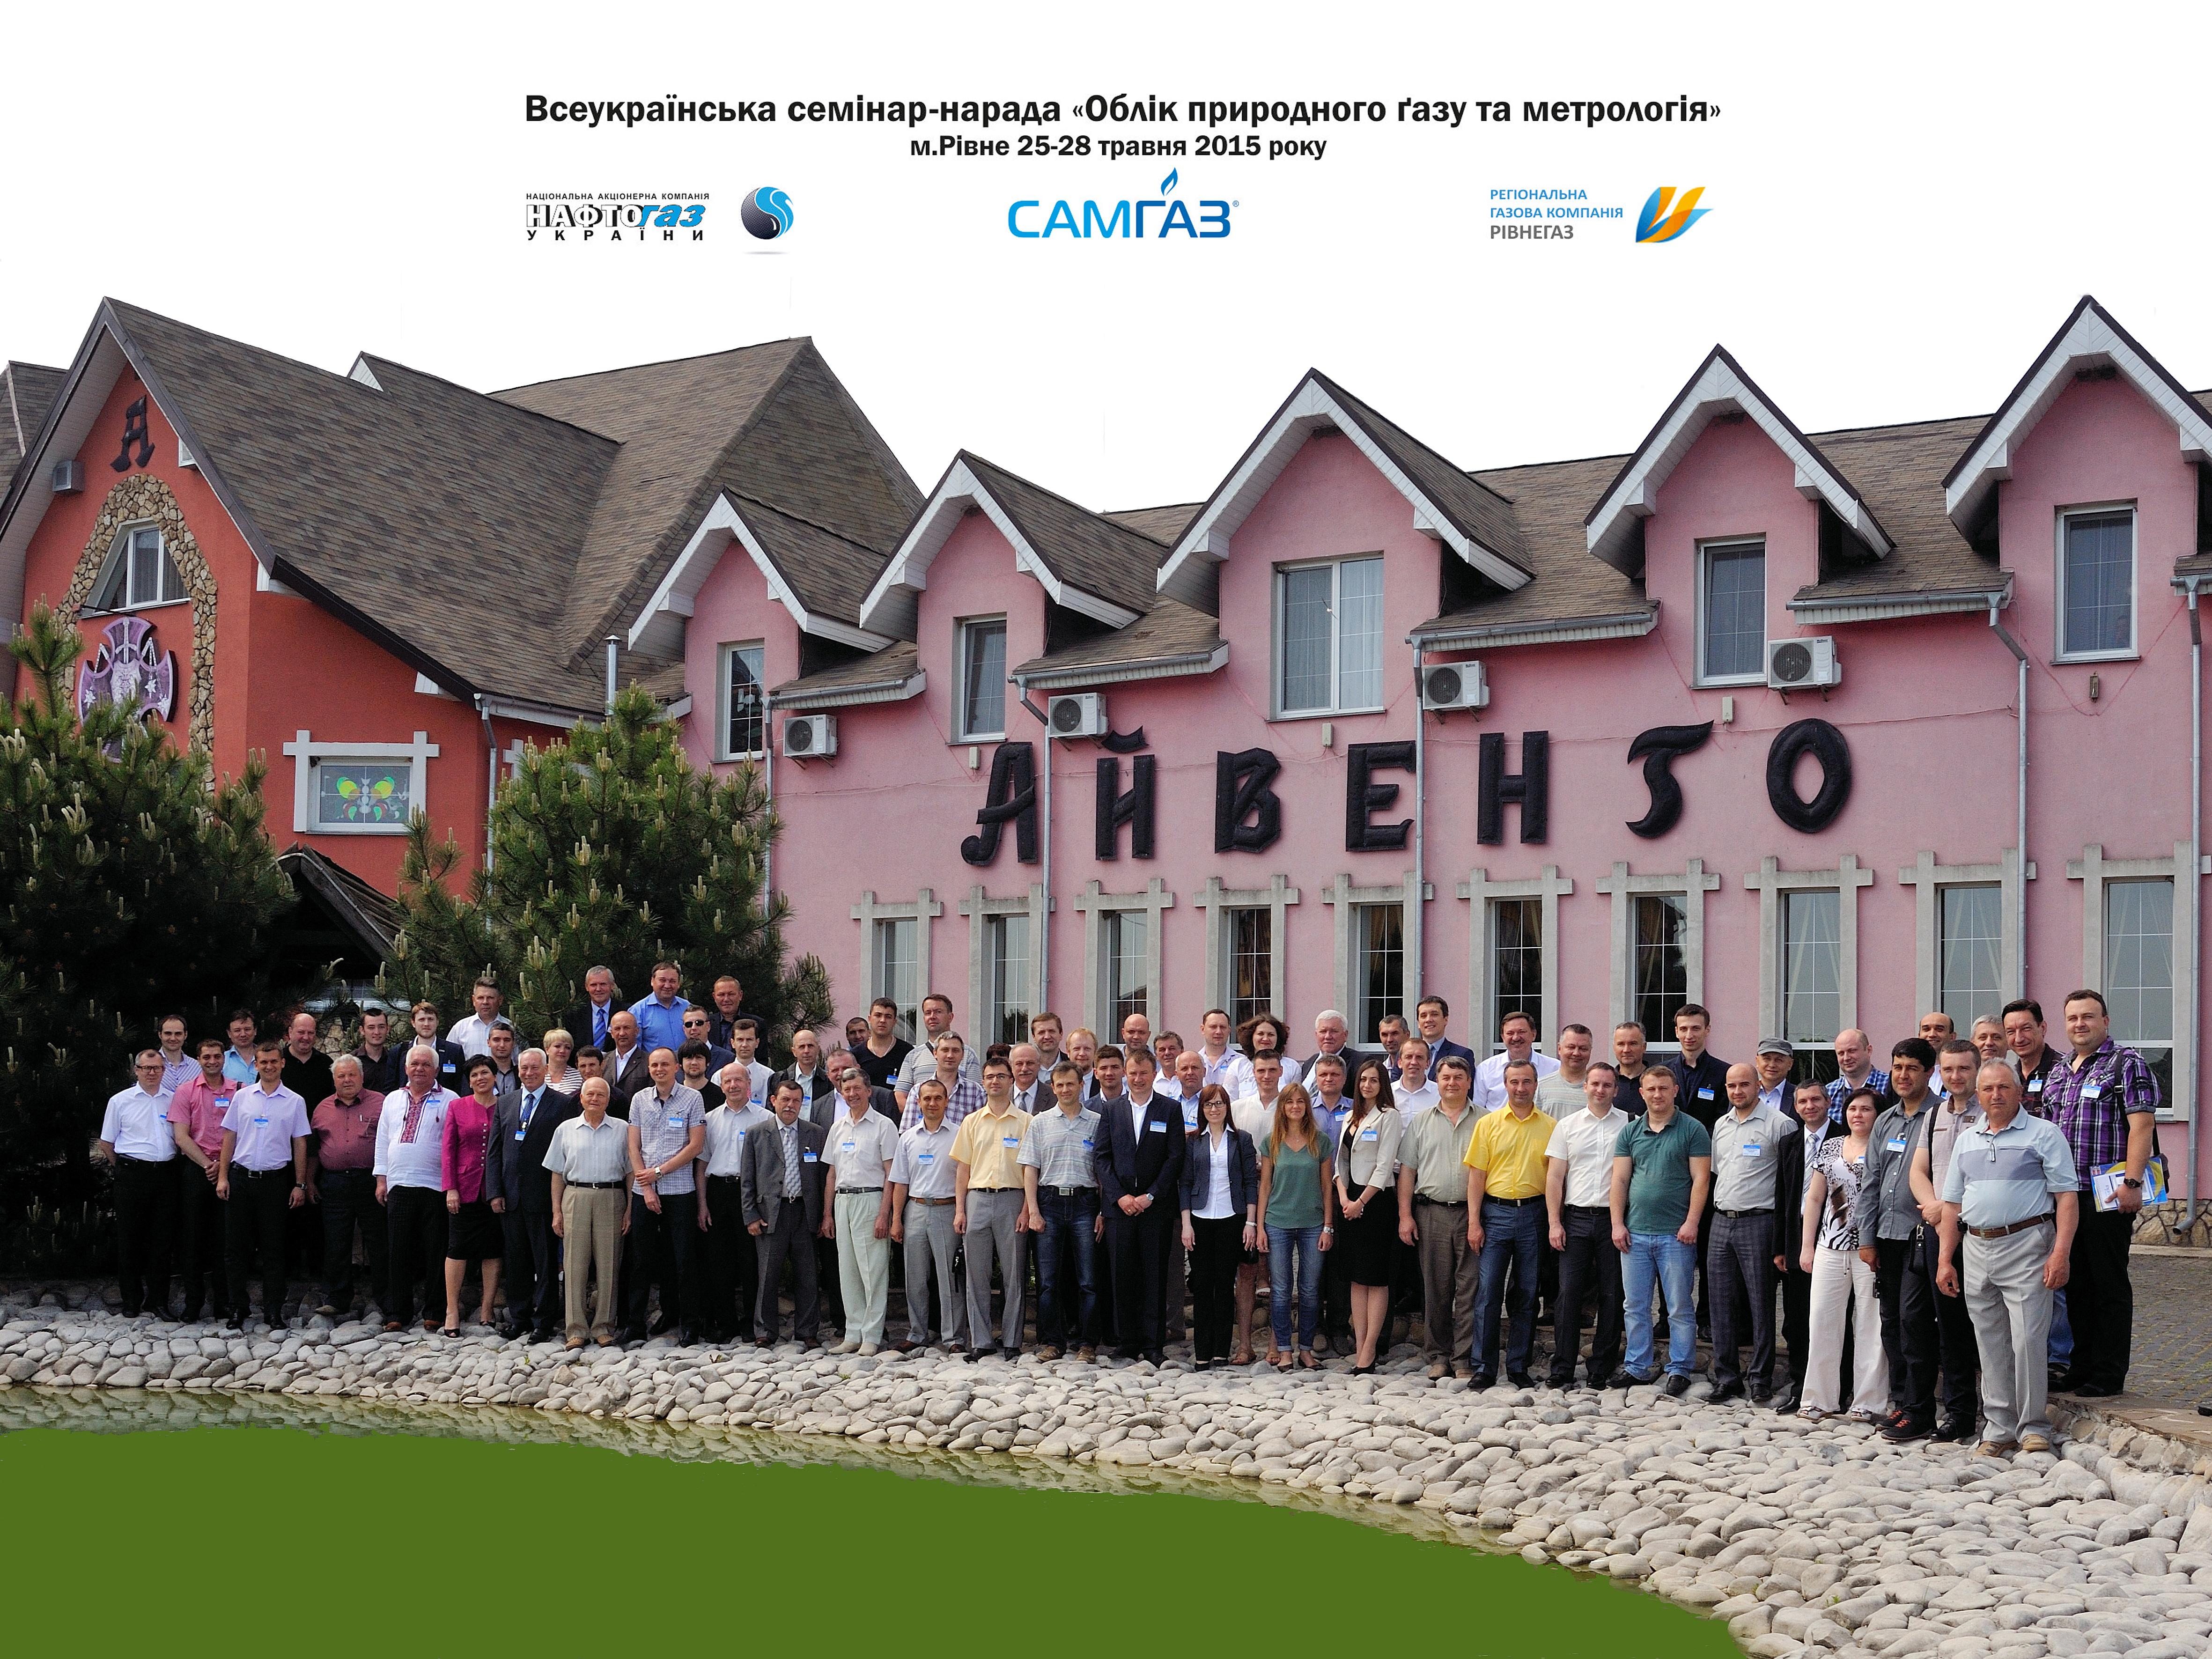 Проведення Всеукраїнської семінар-наради «Облік природного газу та метрологія», м.Рівне 2015